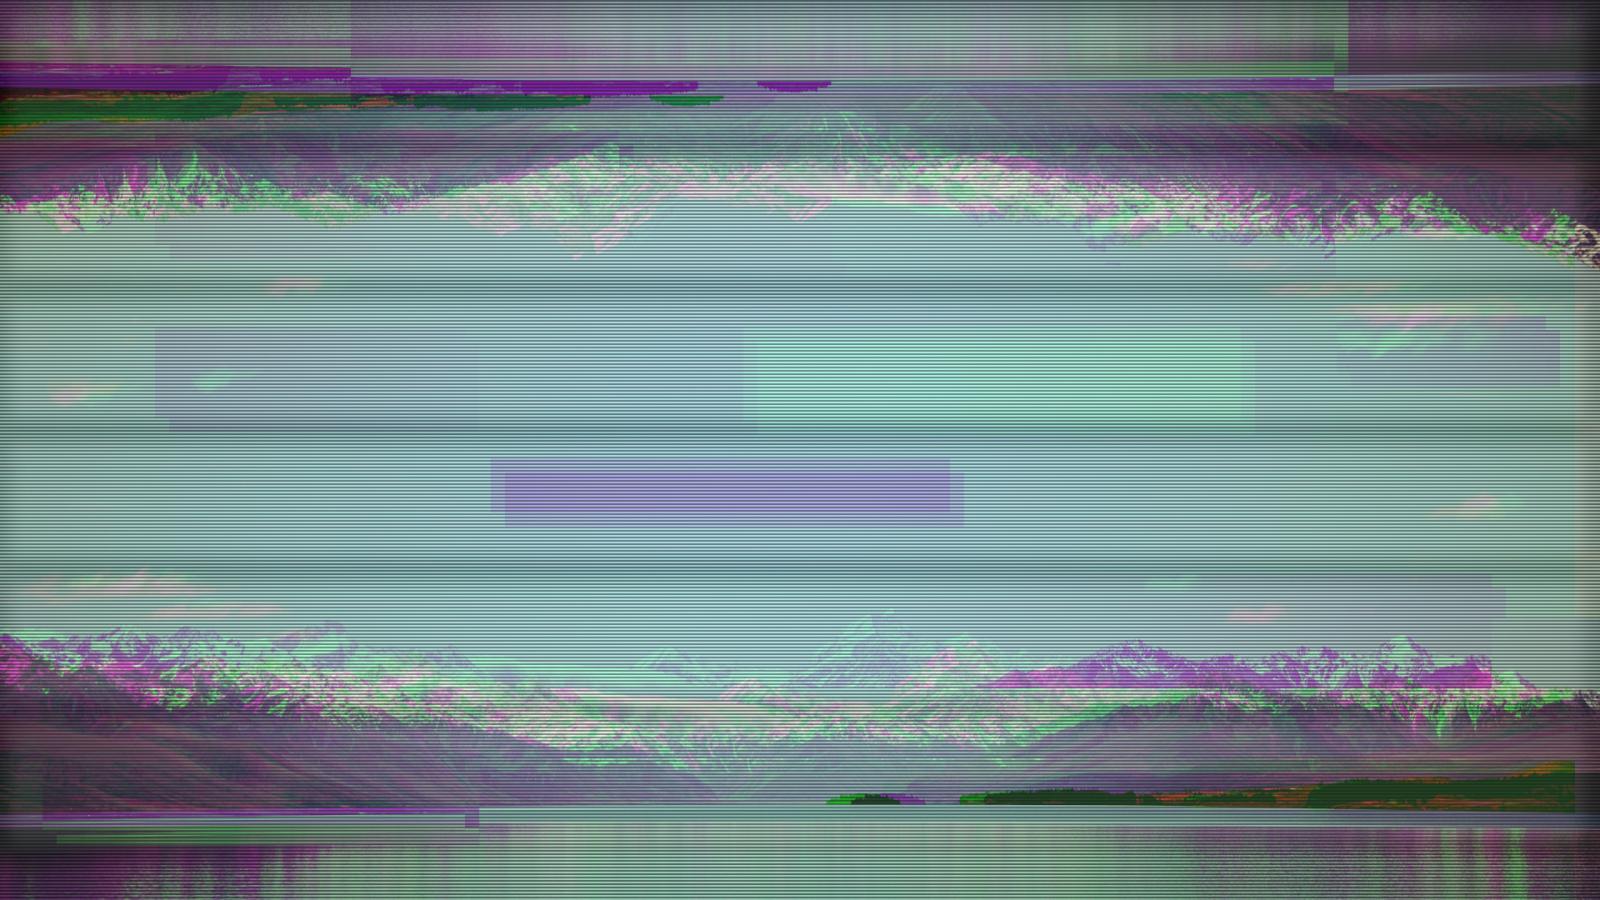 фотоэффект экран компьютера